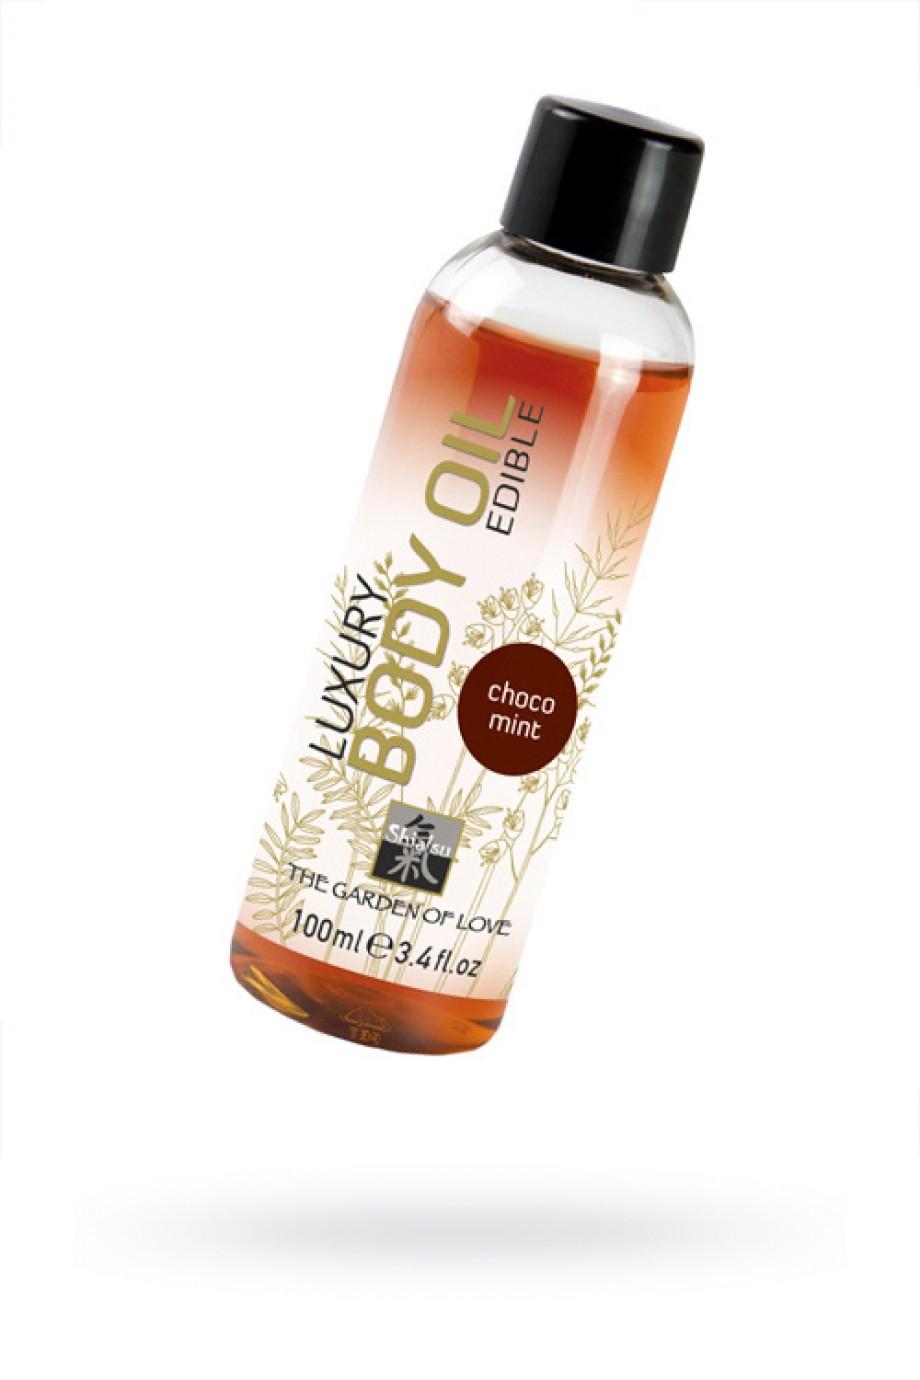 Съедобное масло для тела с шоколадно-мятным ароматом 100 мл